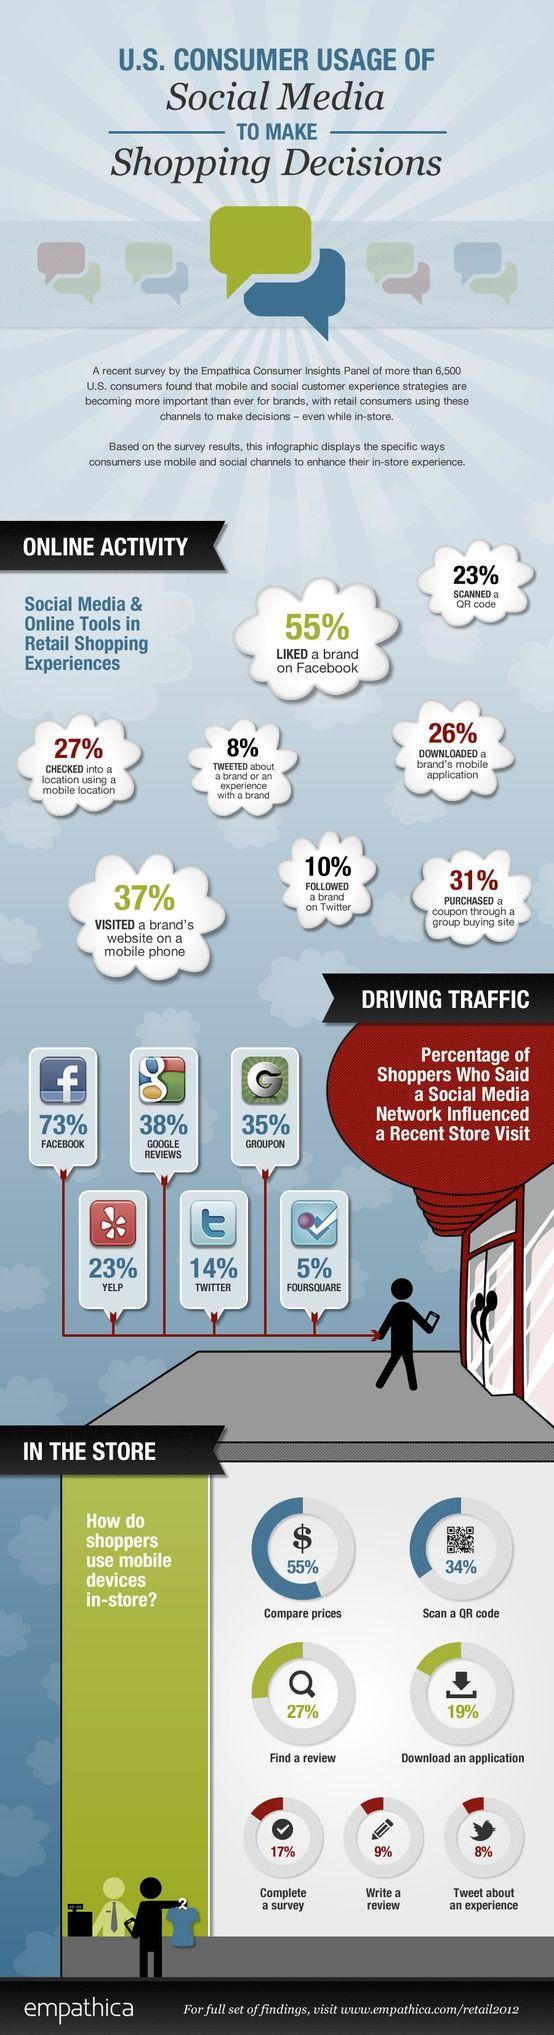 Social Media / Retail / Shopping Decisions